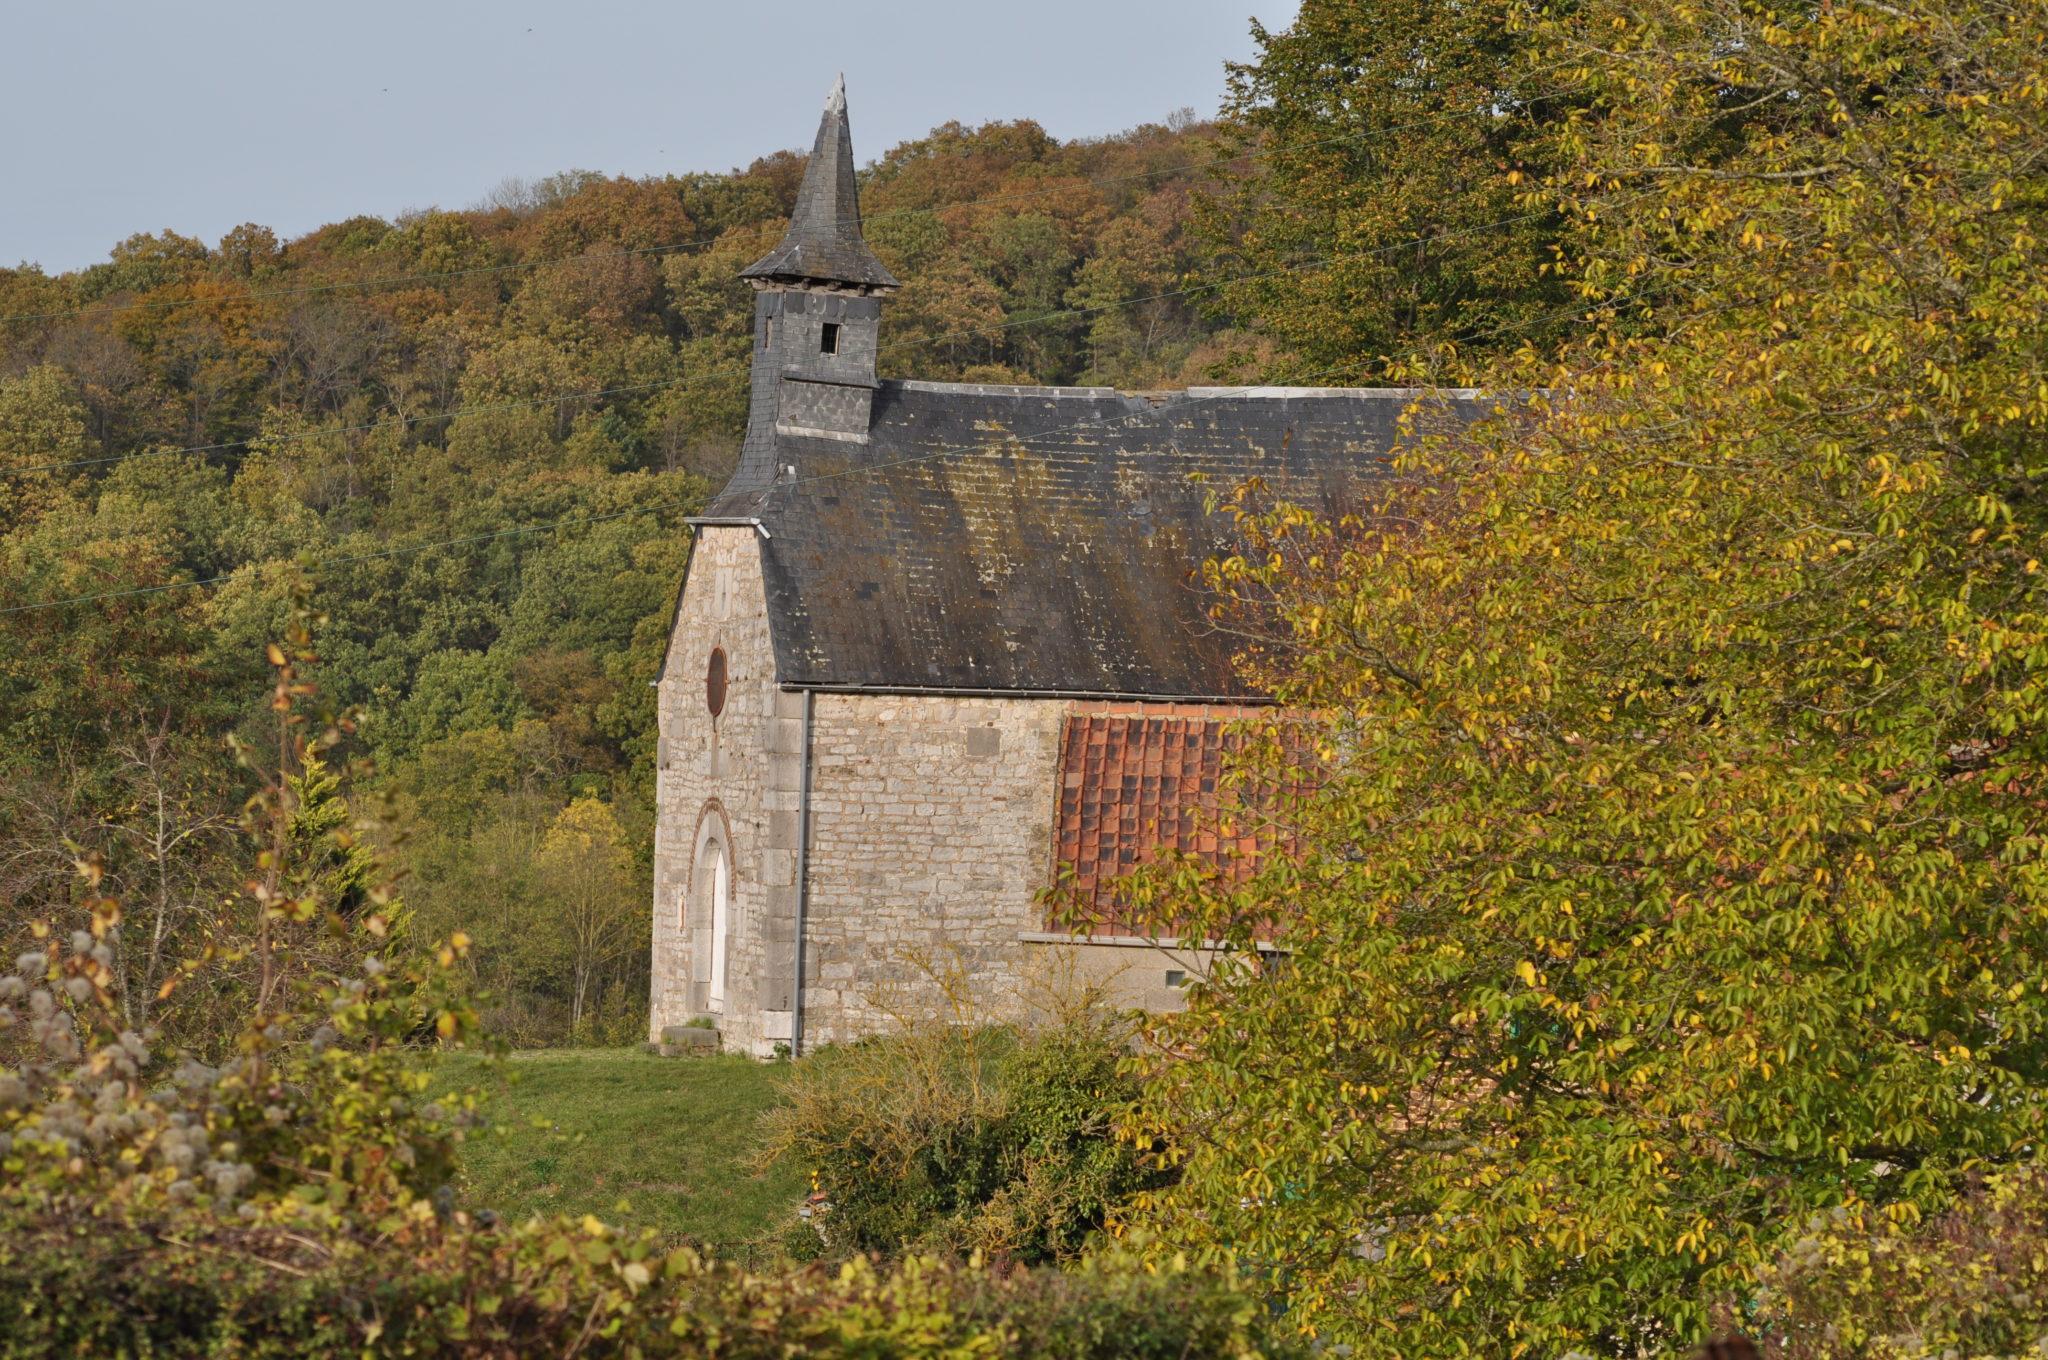 Balade_Tour_Abbaye_83